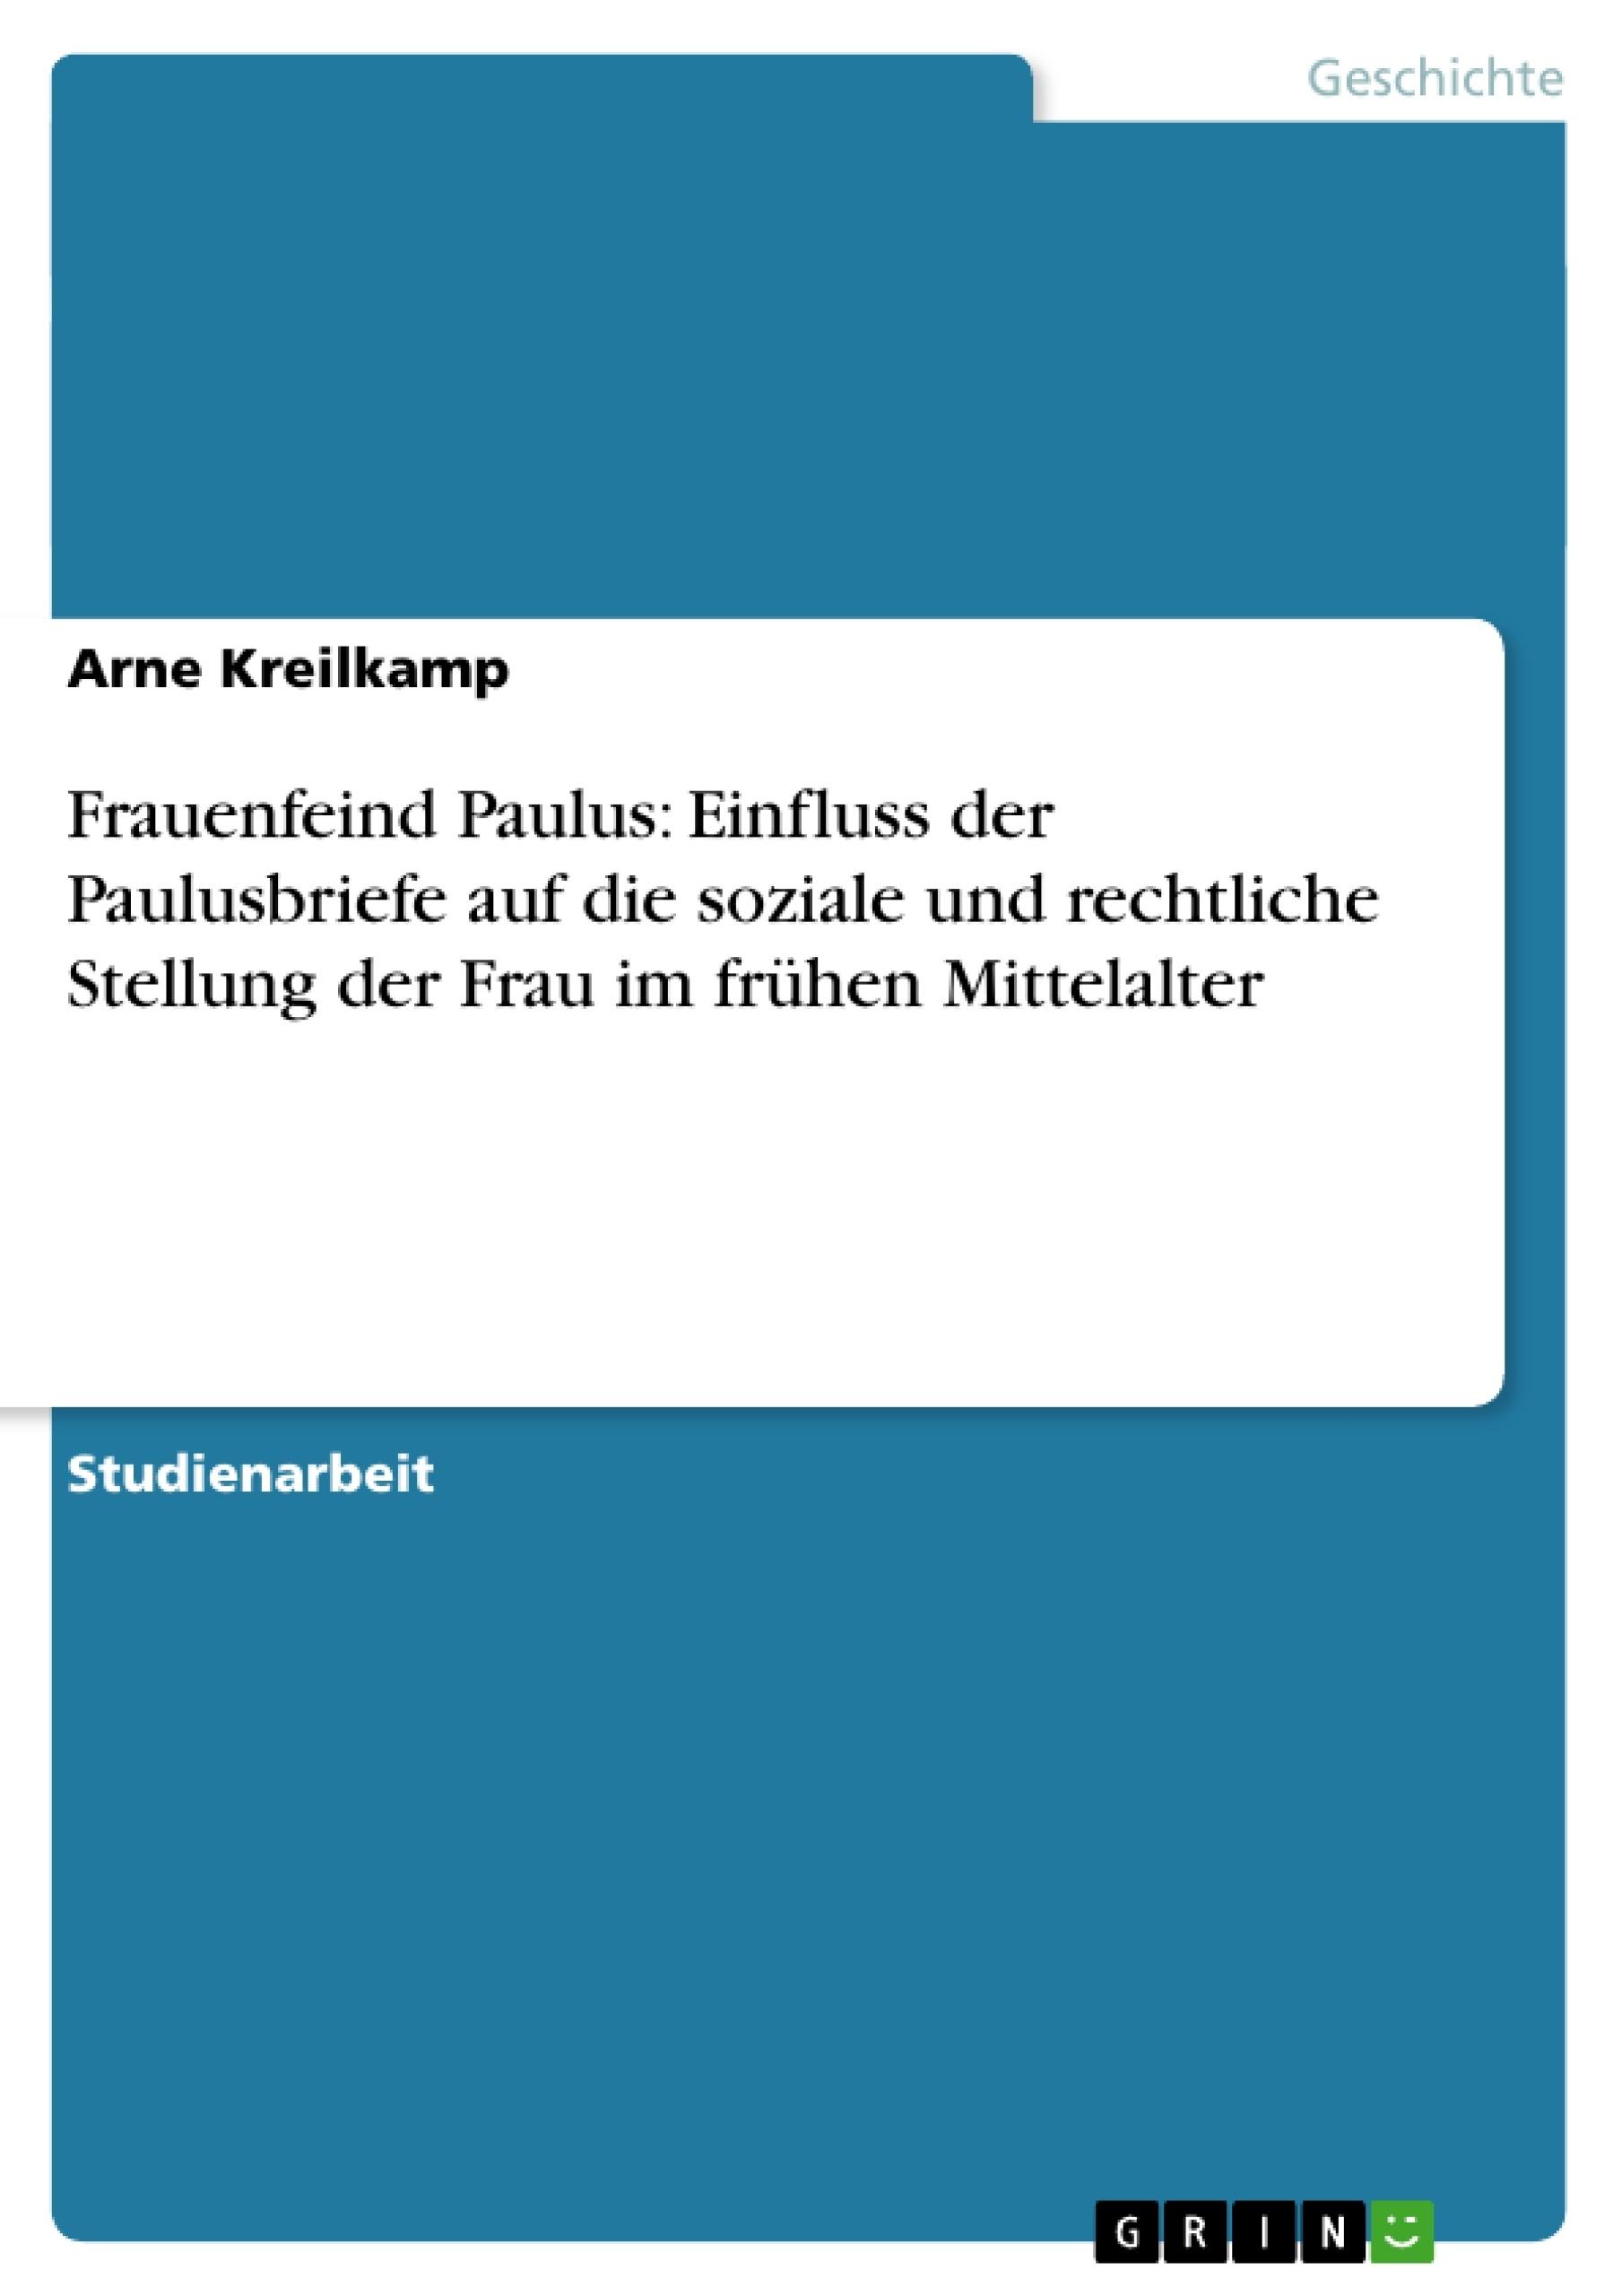 Titel: Frauenfeind Paulus: Einfluss der Paulusbriefe auf die soziale und rechtliche Stellung der Frau im frühen Mittelalter